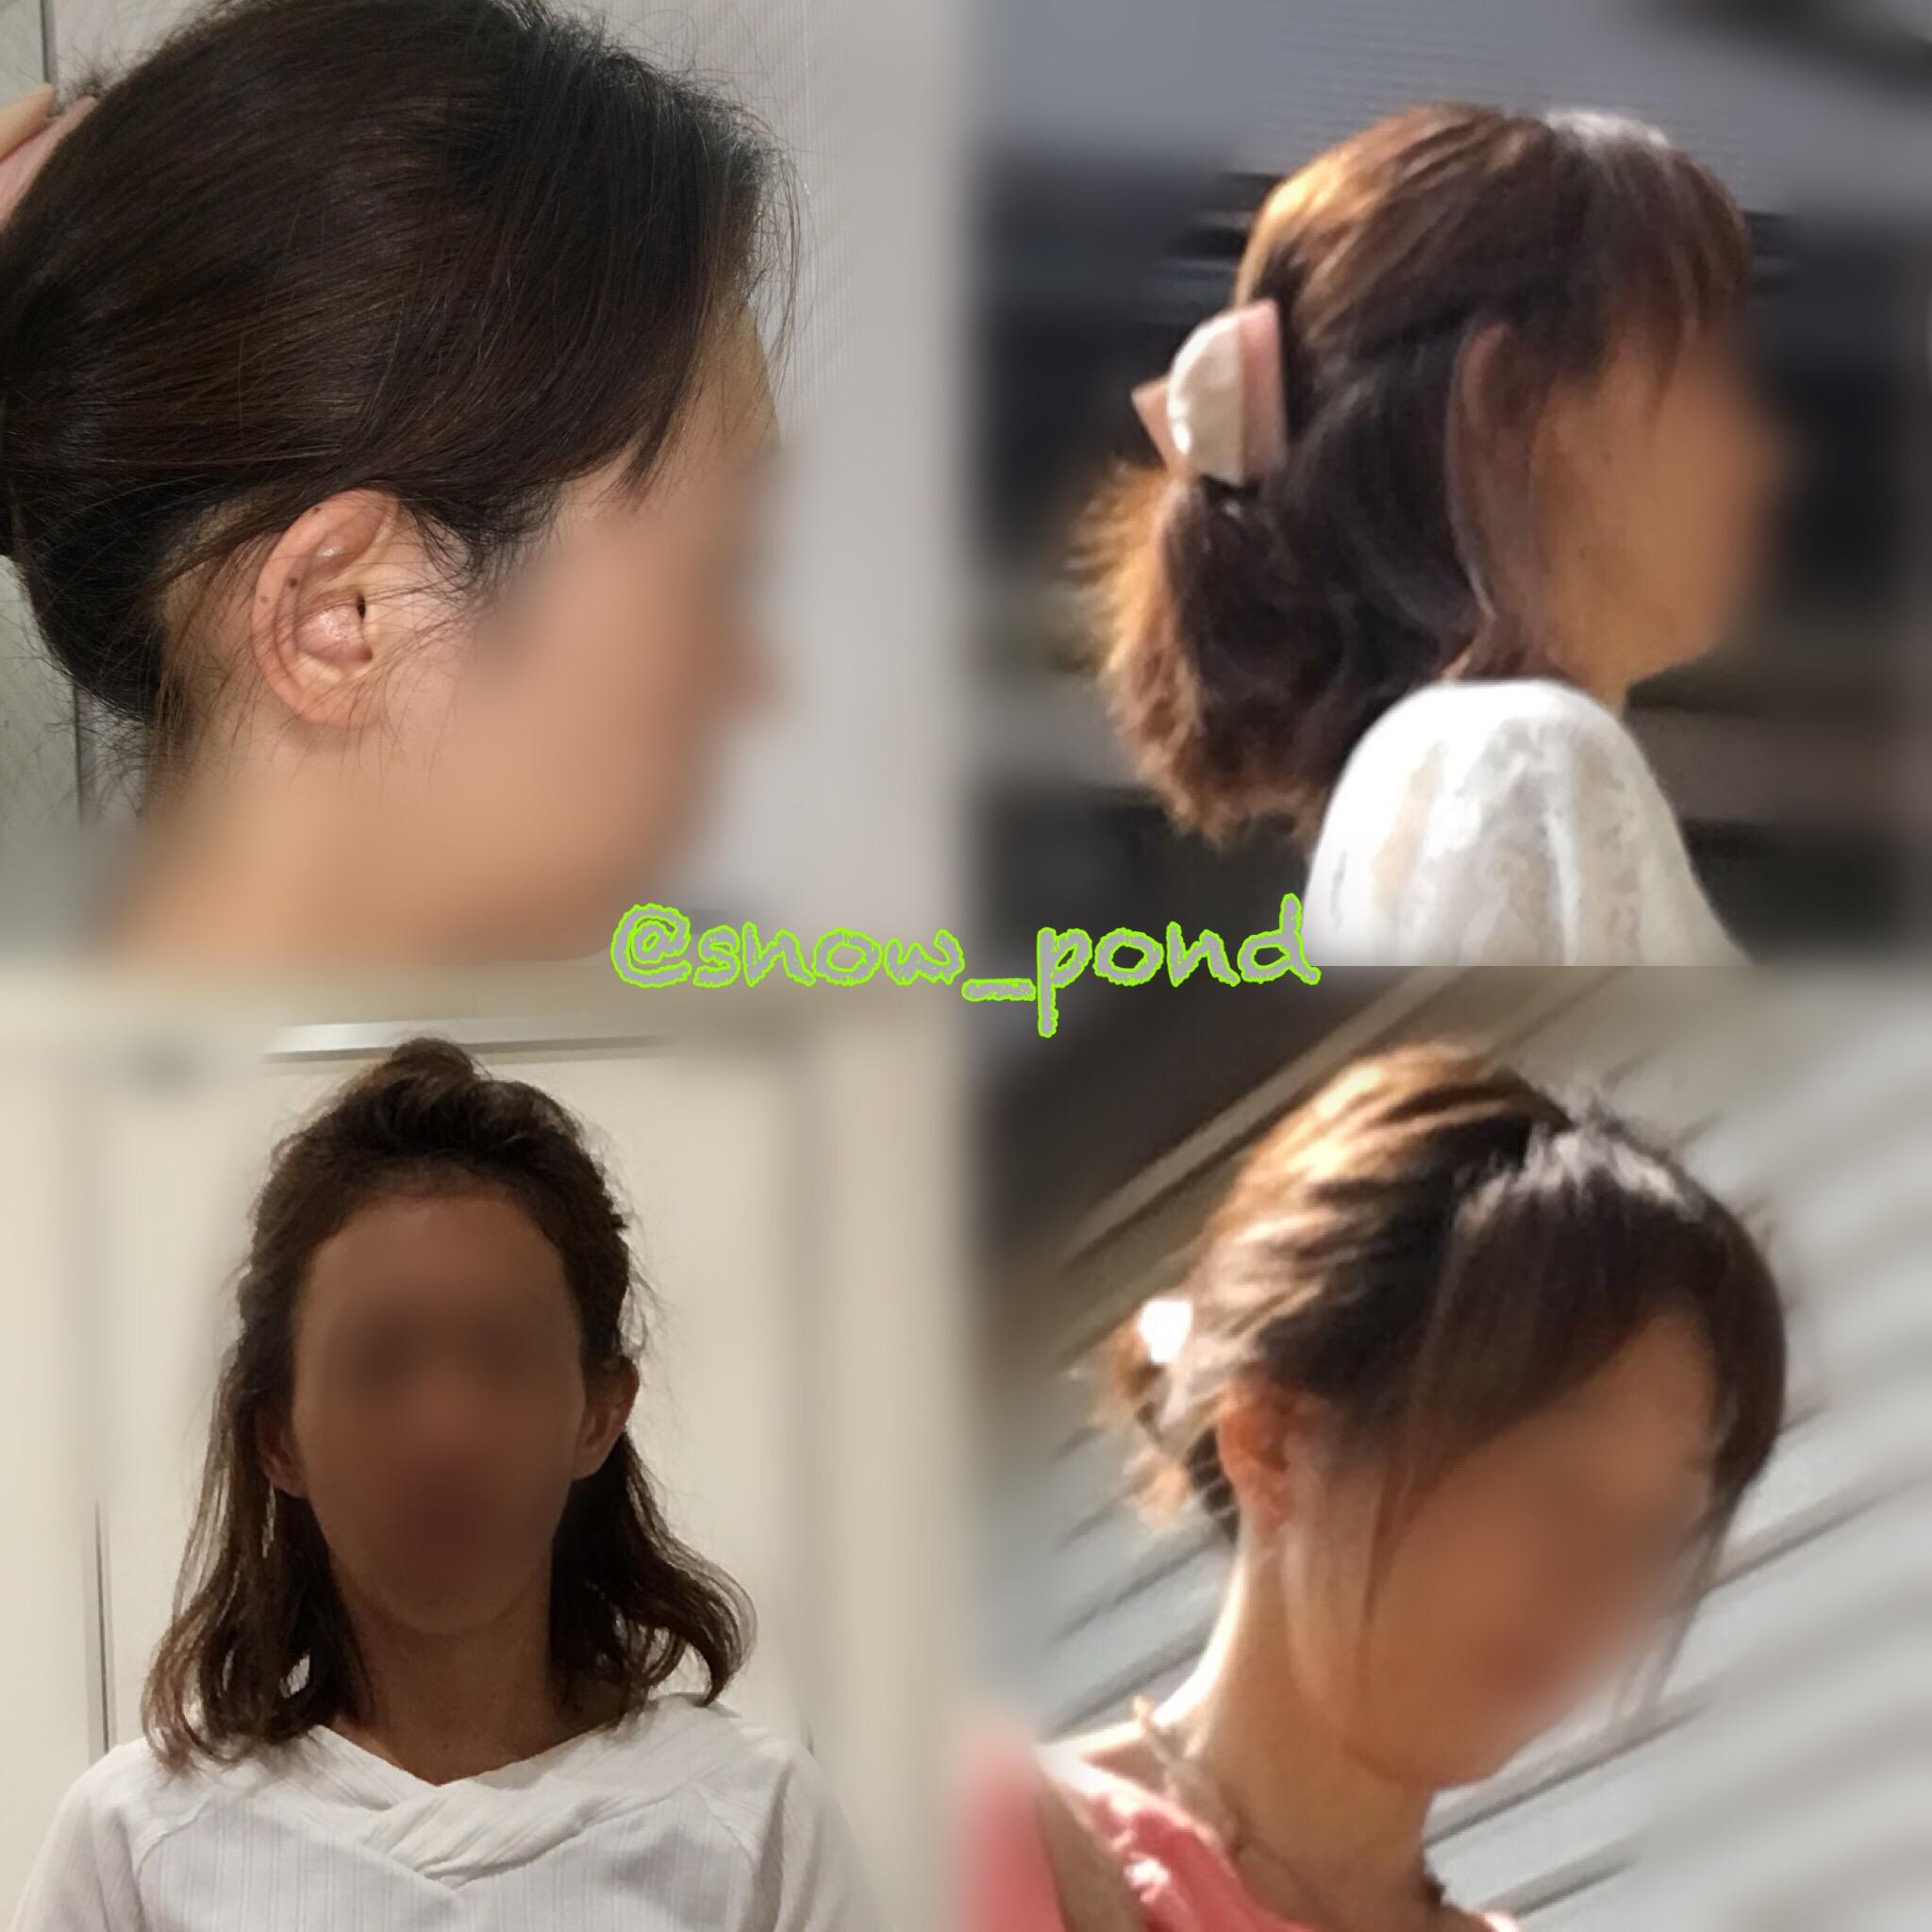 ナチュラル 骨格 髪型 診断